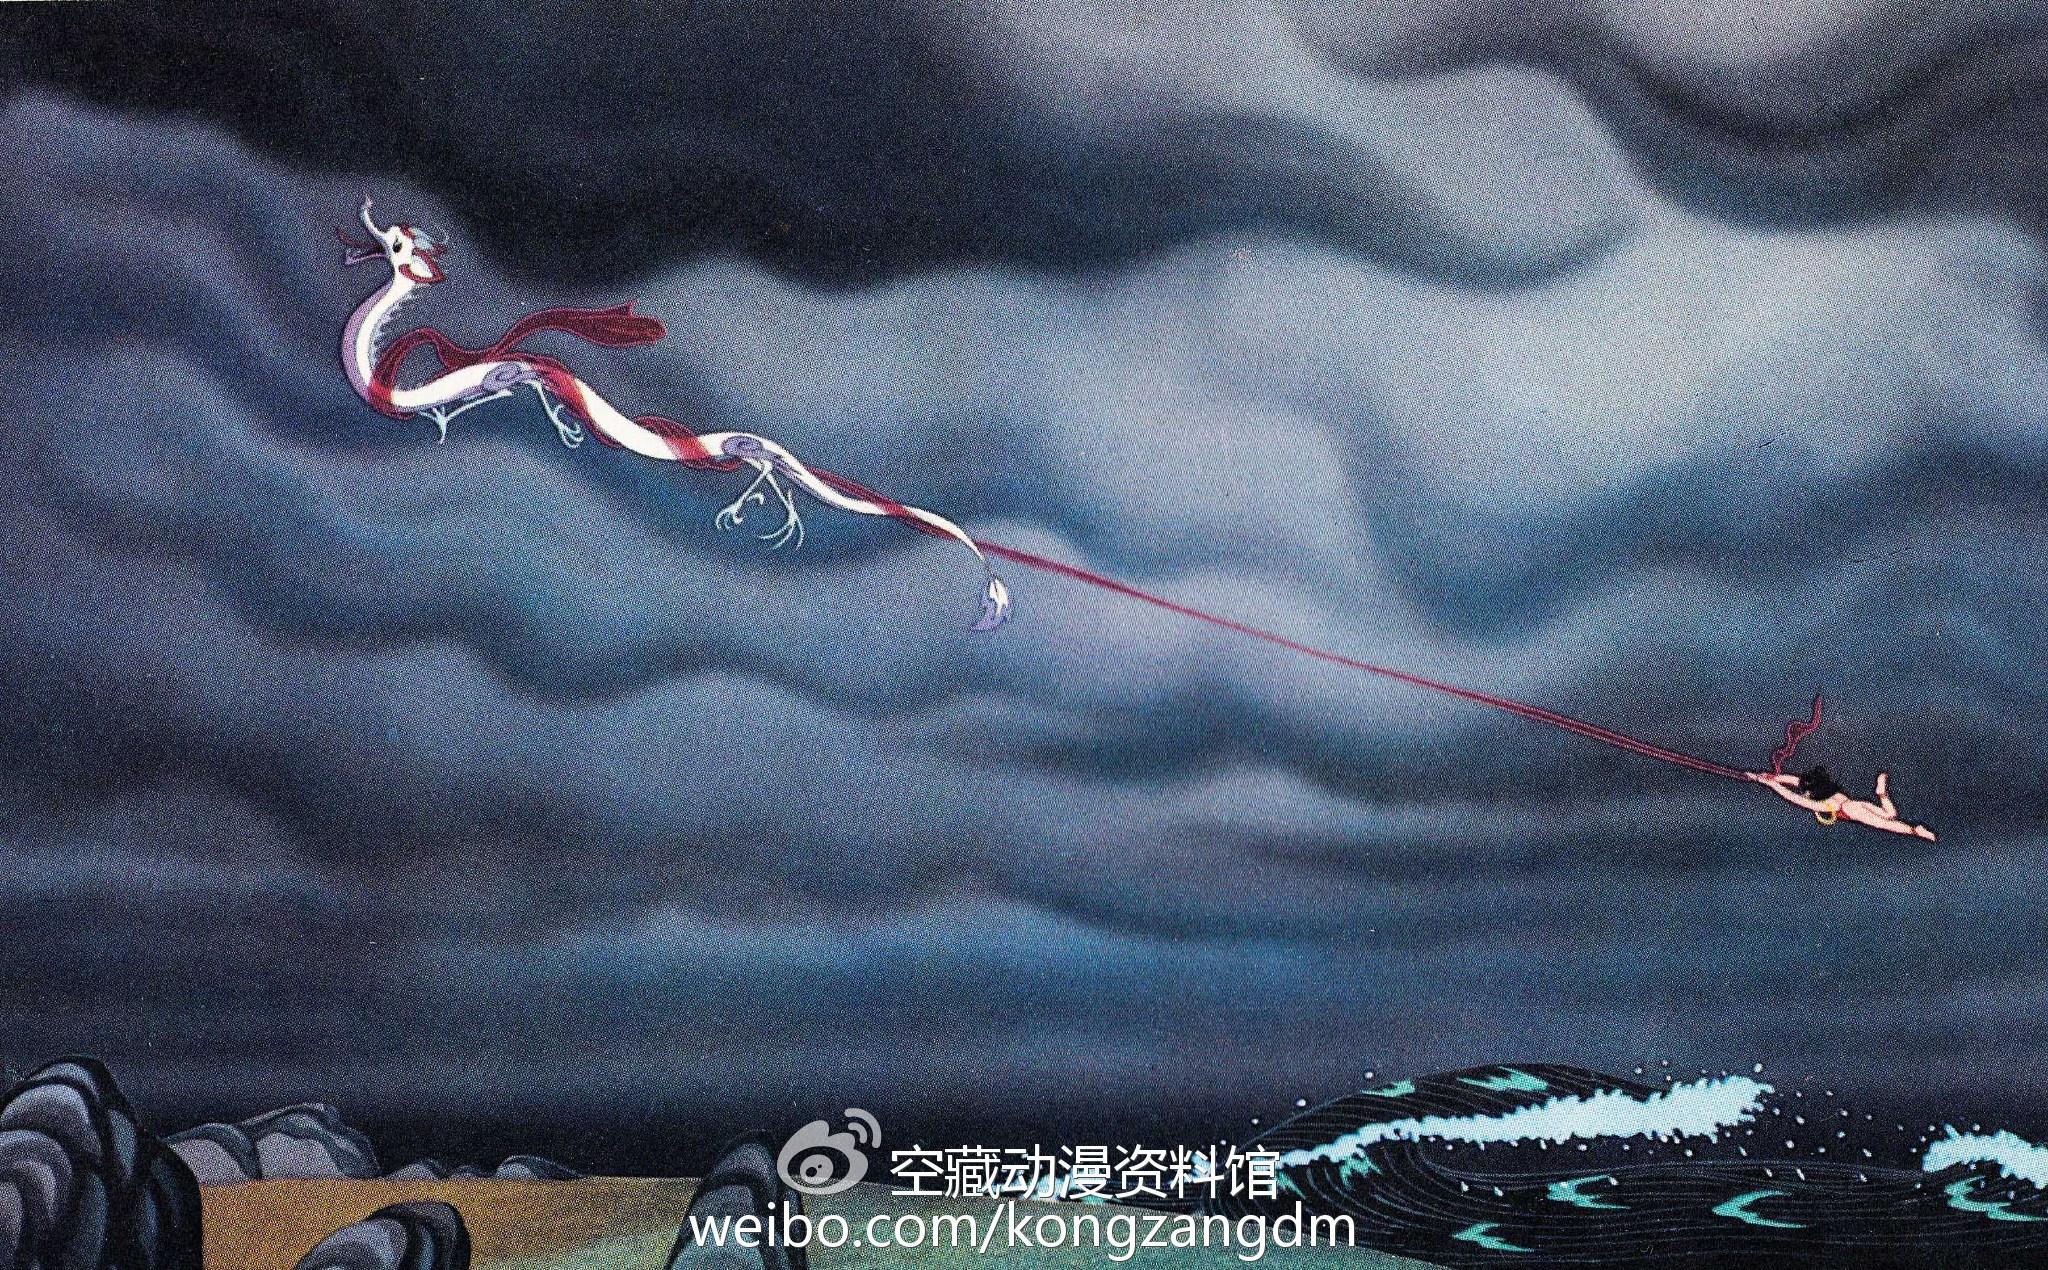 宫崎骏爷爷,这次您真想多了—《哪吒闹海》幕后解密-看客路